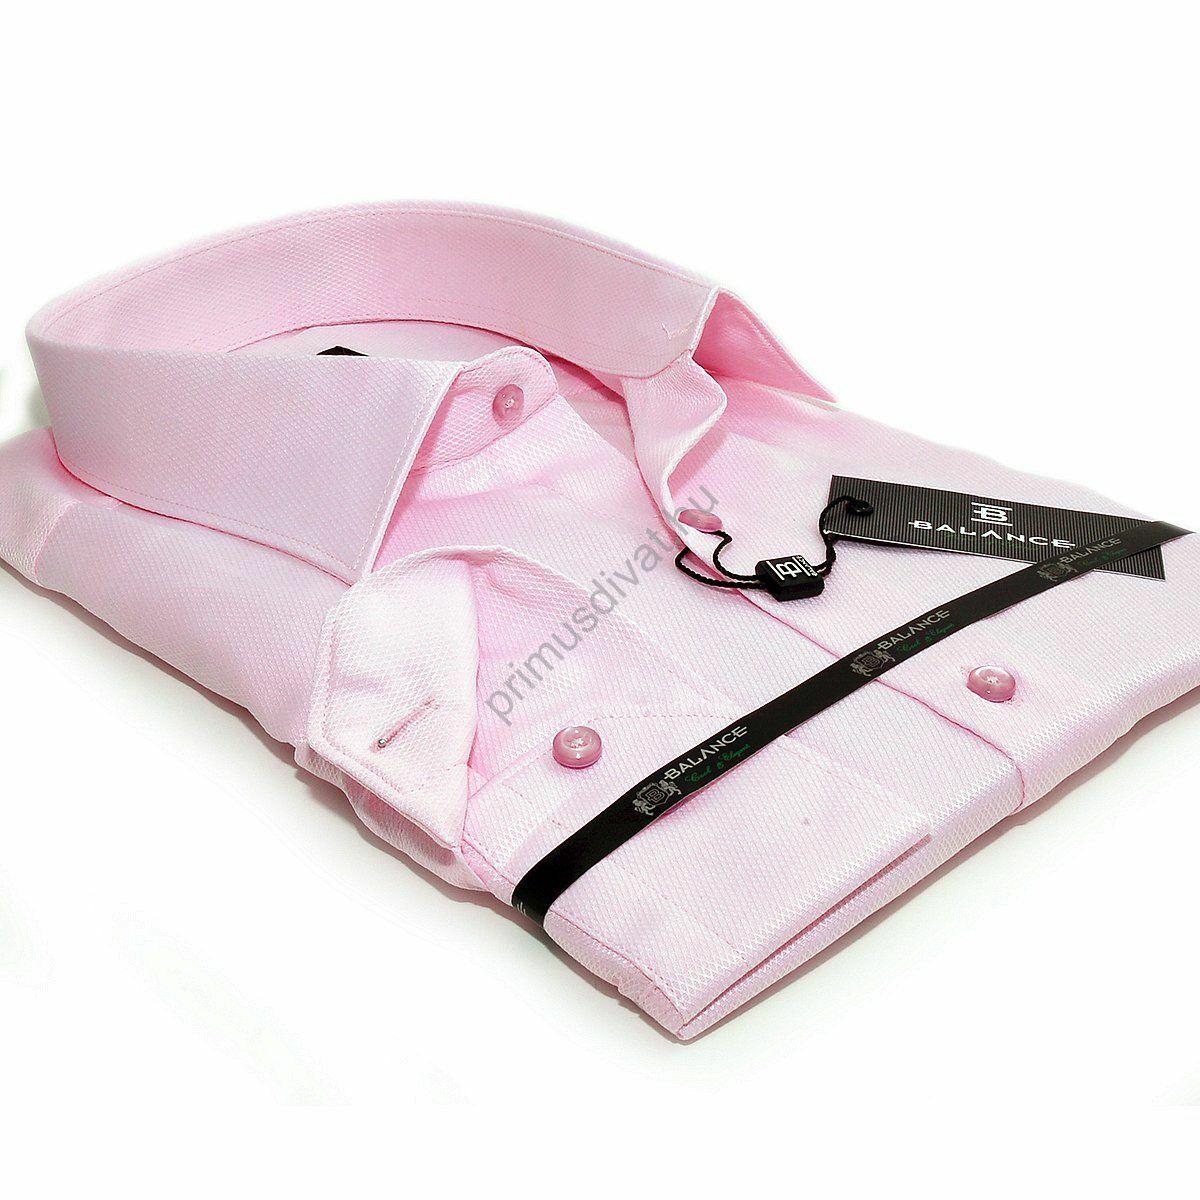 20b8aa6738 Kép 1/2 - Balance anyagában szövött mintás rózsaszín karcsúsított hosszú  ujjú alkalmi ing